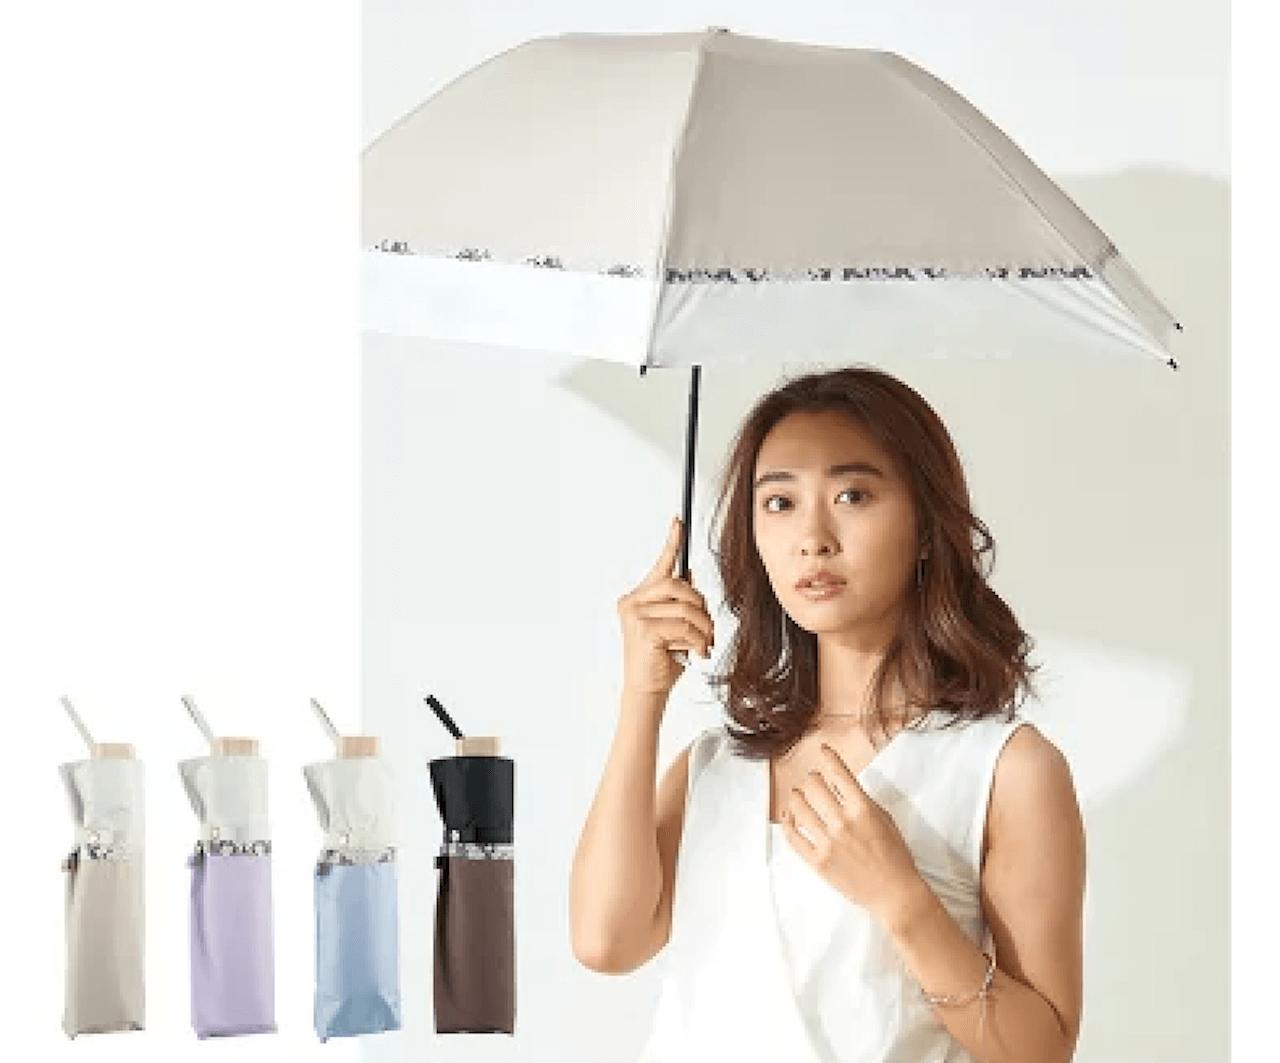 折りたたみの日傘でレディースに人気は?完全遮光の可愛い折りたたみ日傘も紹介!